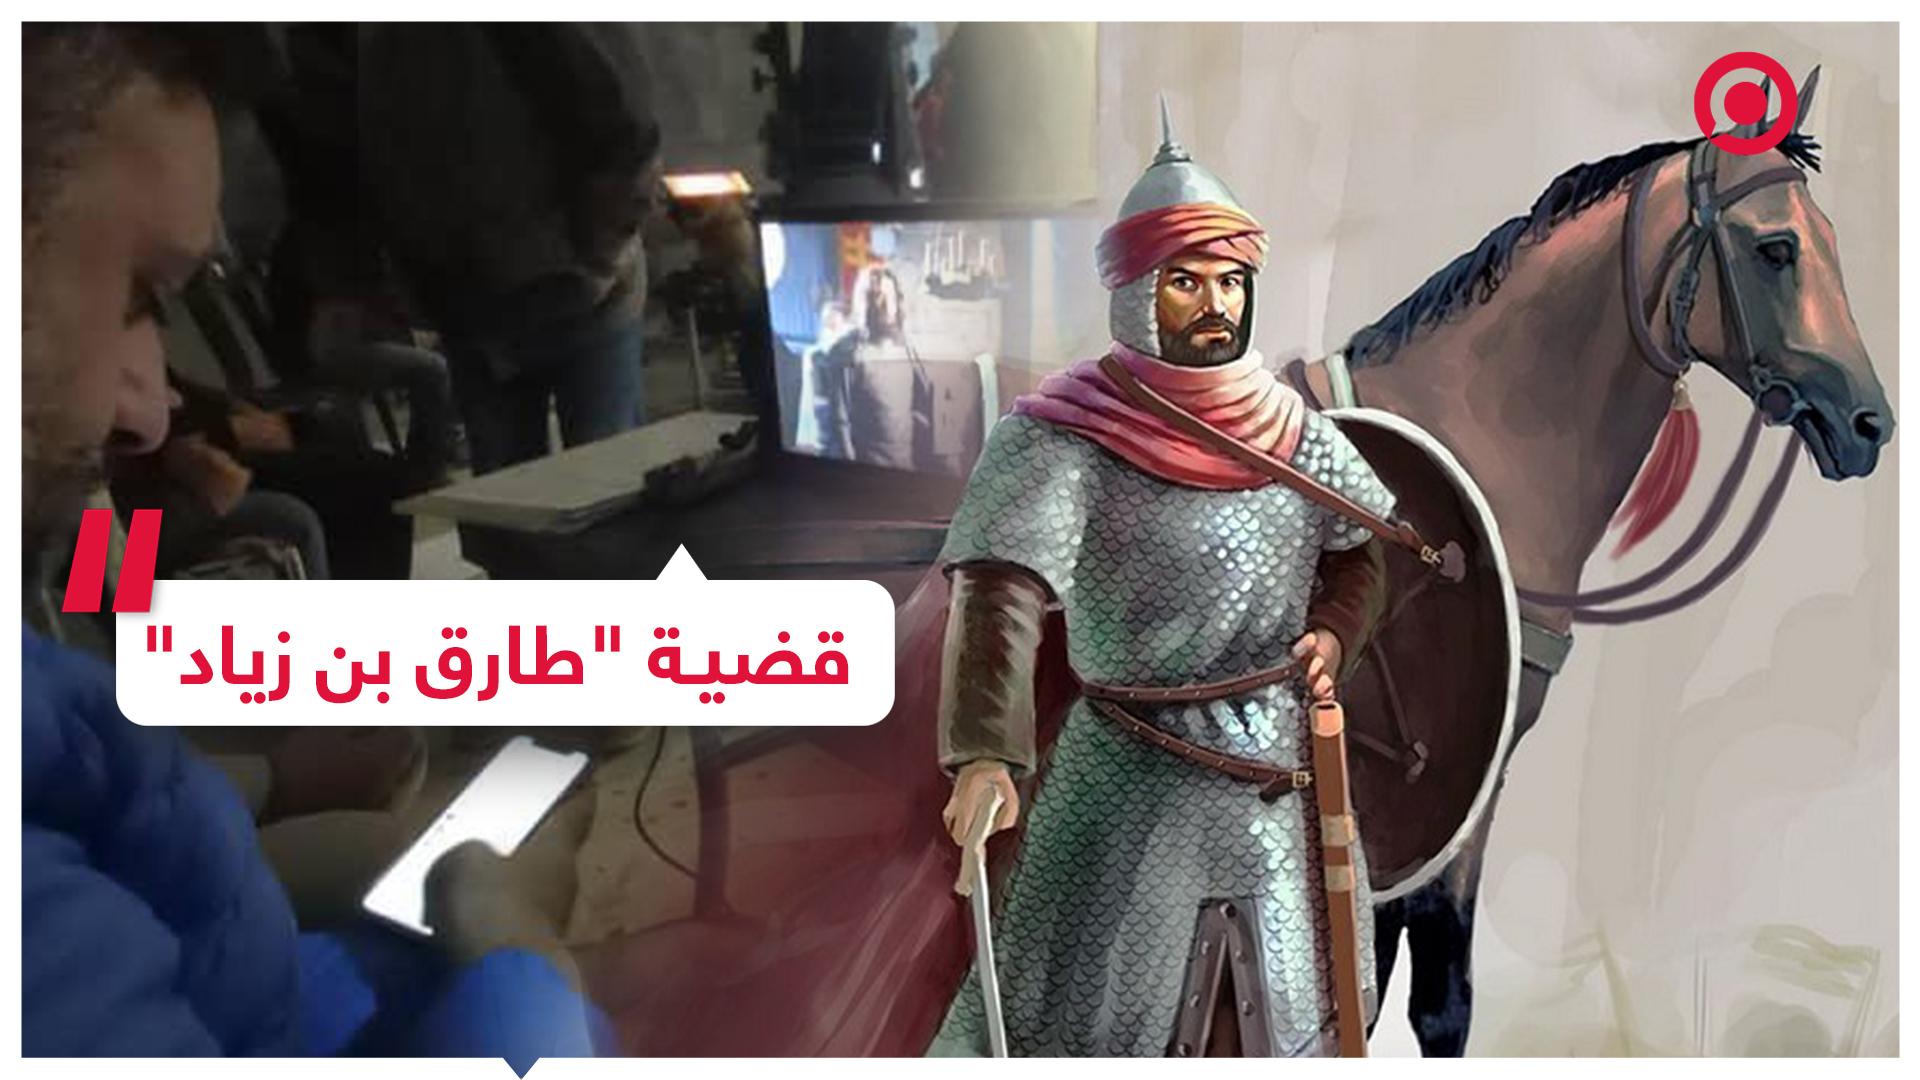 طارق بن زياد.. جدل بين الجزائر والمغرب حول أصول القائد المسلم